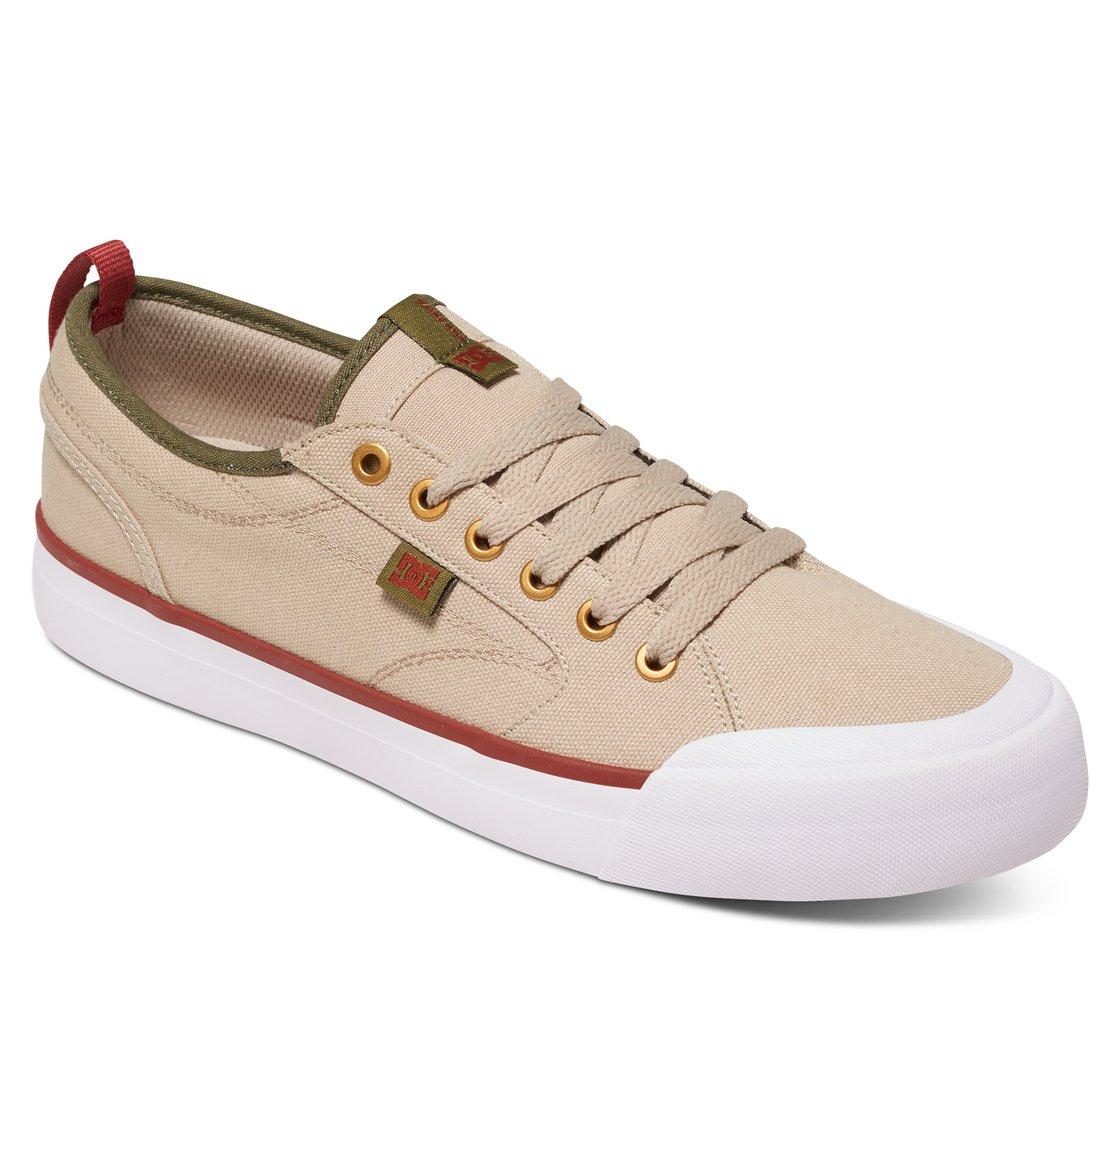 8d7bc0f37e 1 Evan Smith TX - Shoes for Men Beige ADYS300275 DC Shoes